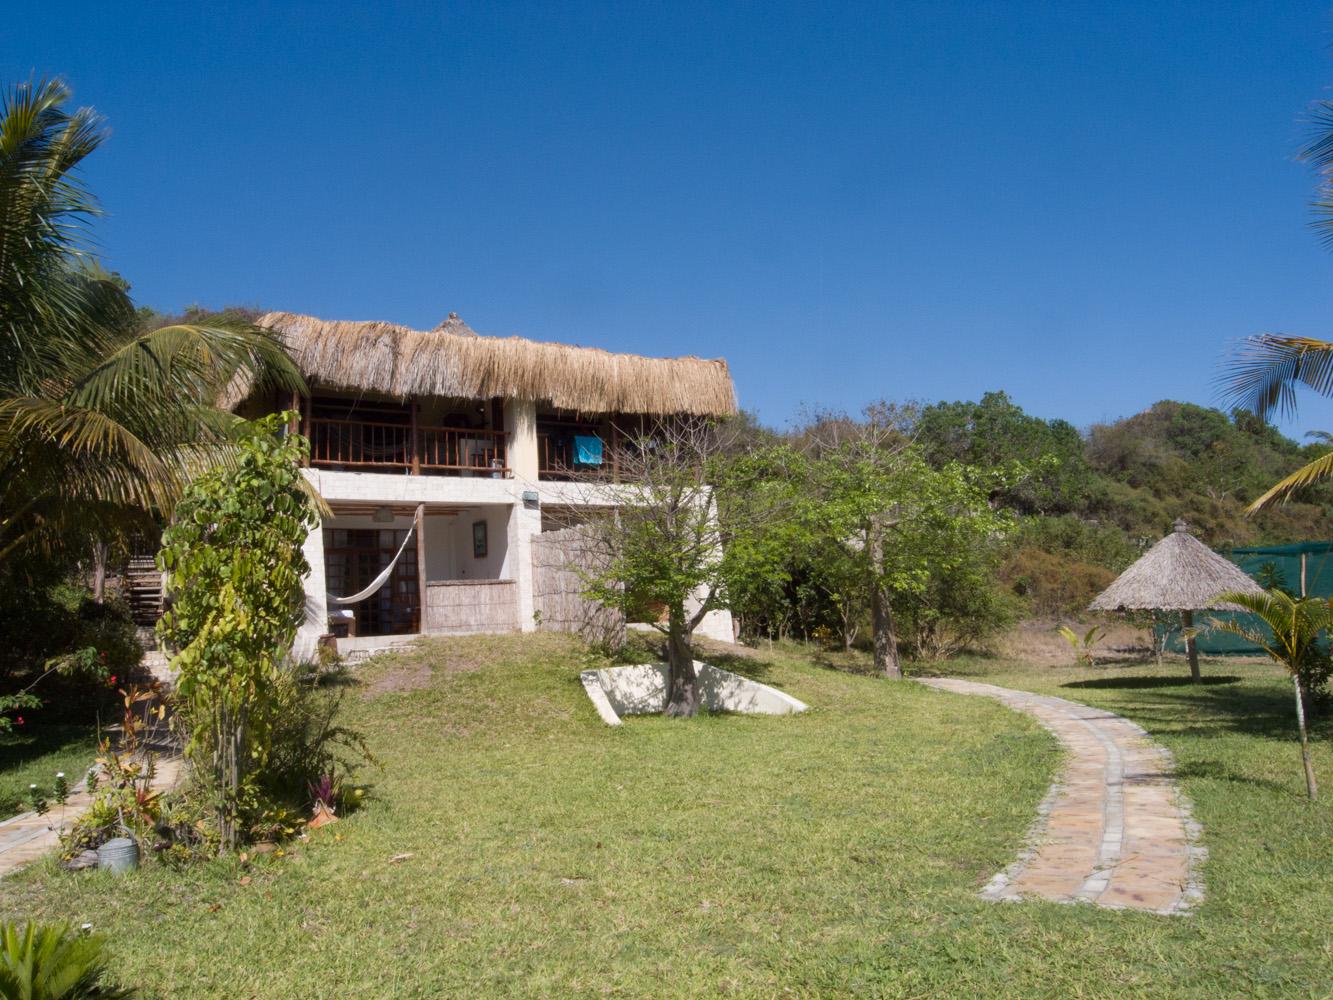 Mozambique_Vilankulos_Maputo_Tofo-125